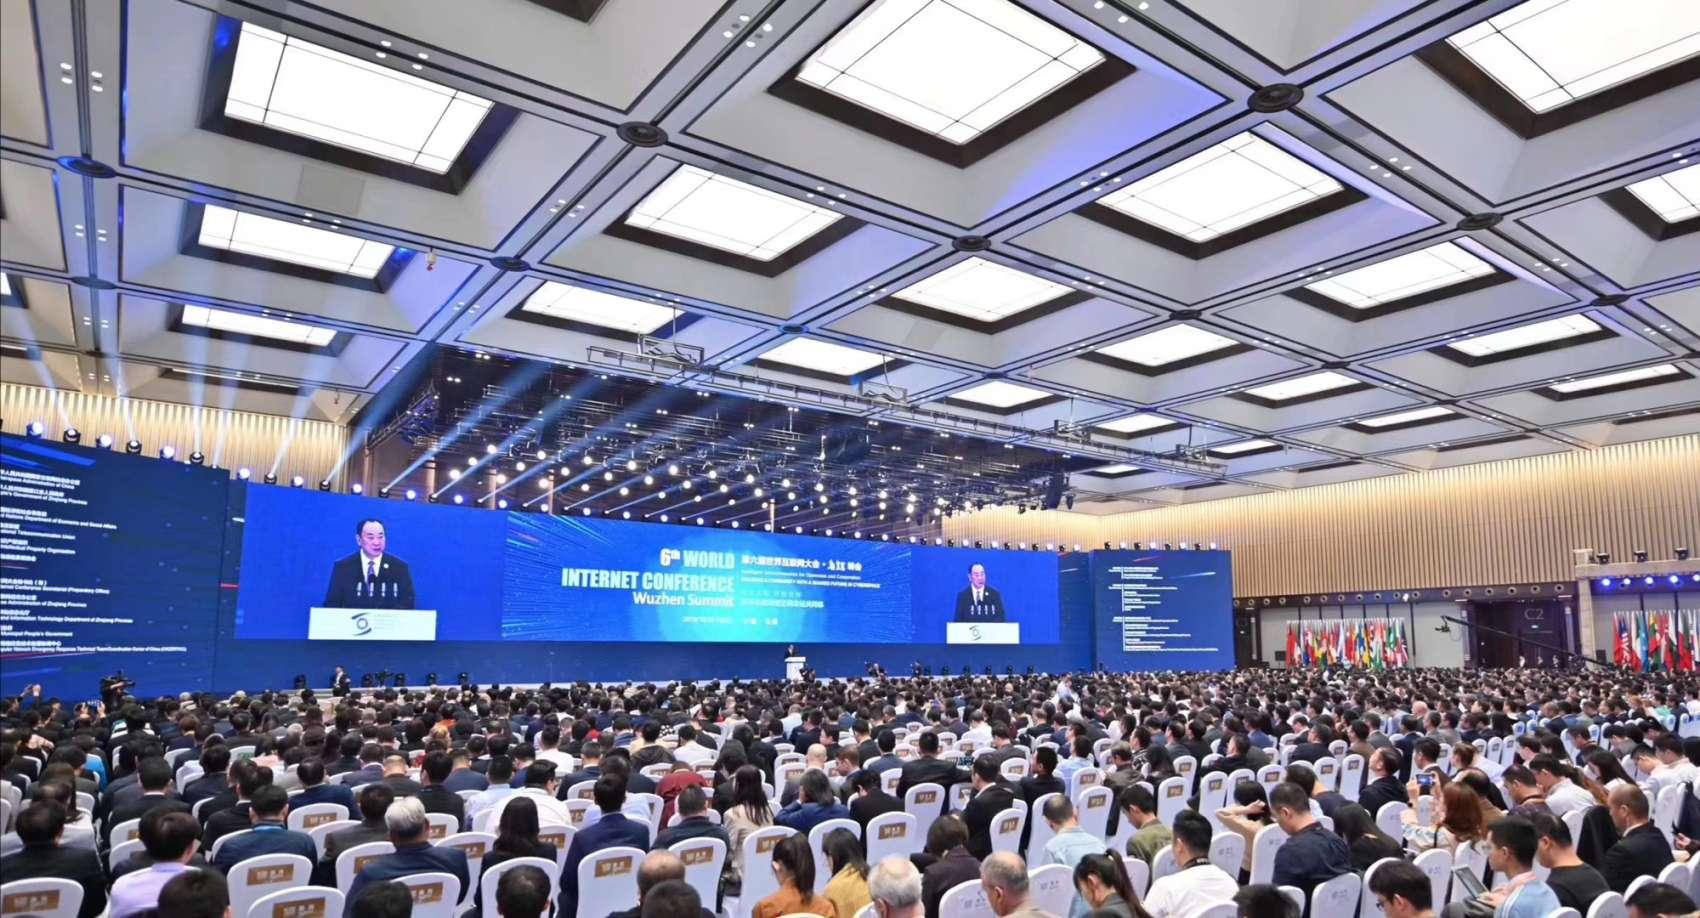 第六屆世界互聯網大會正式開幕